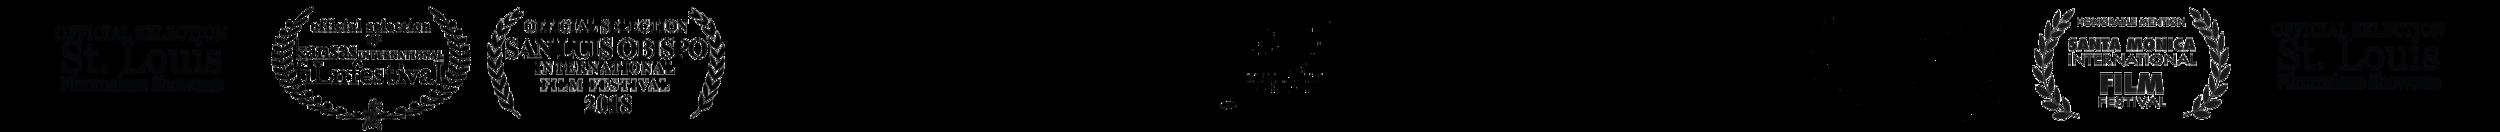 2018.12.05_Laurels on black.png